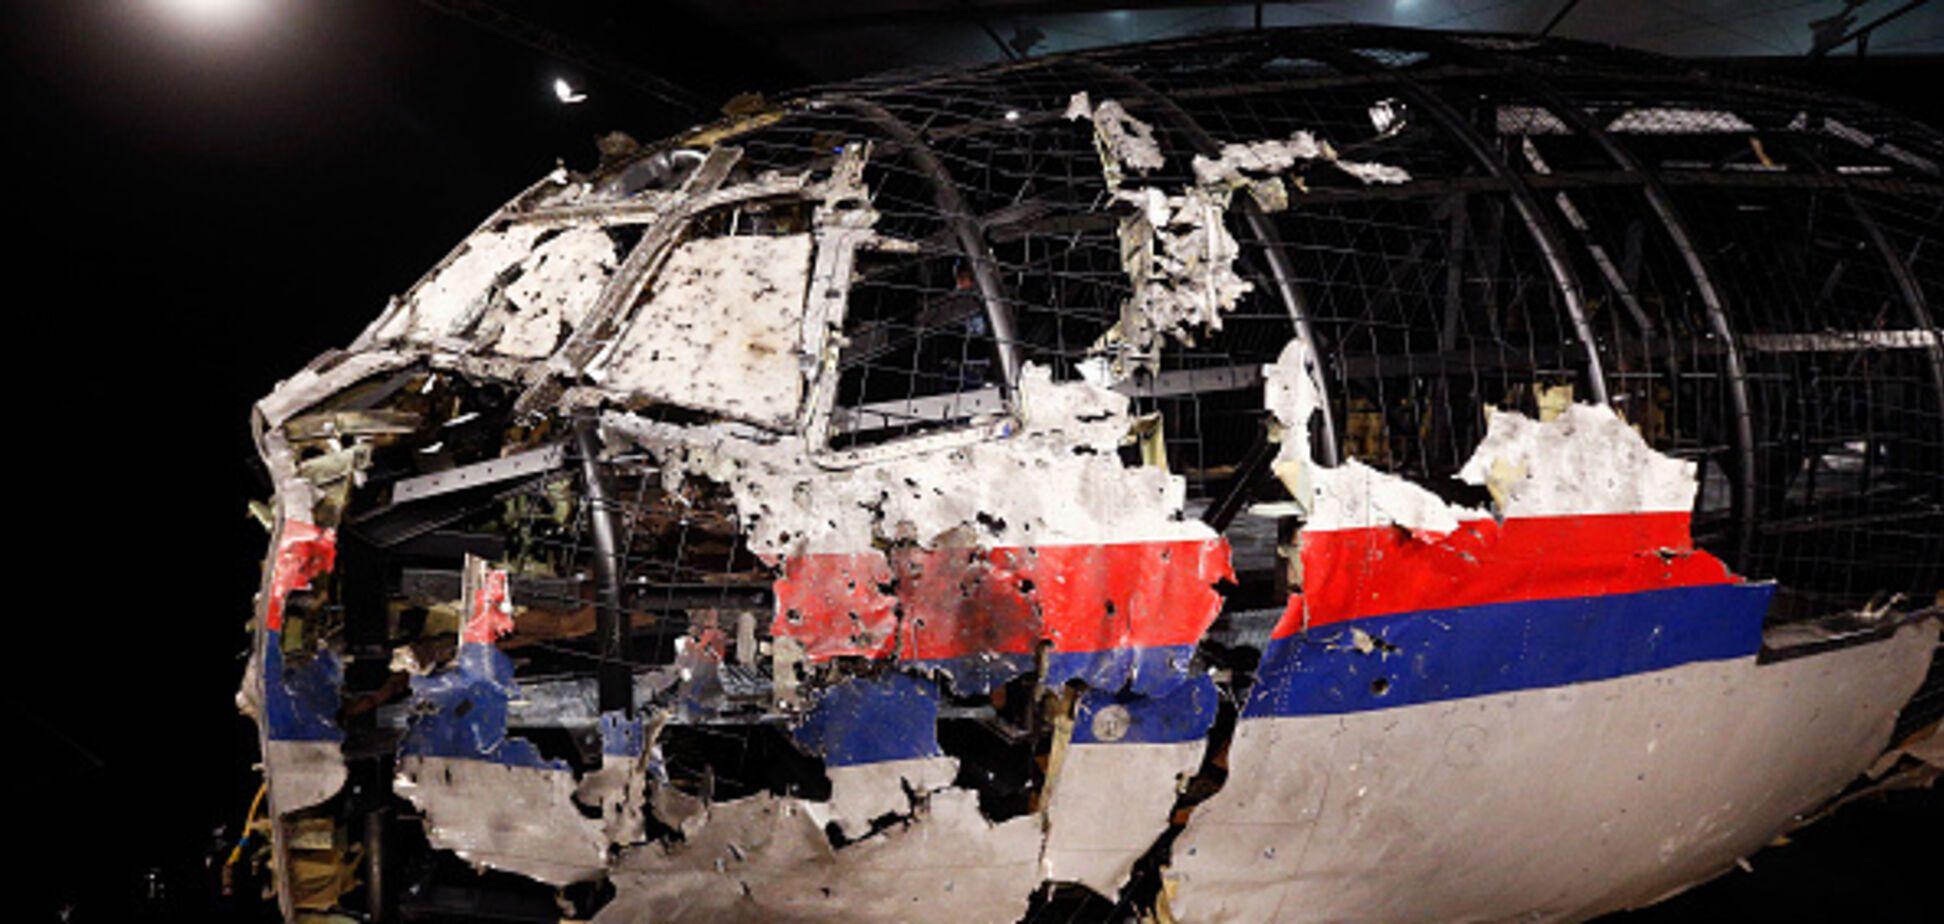 Виновата Россия: в Евросоюзе сделали категоричное заявление по MH17